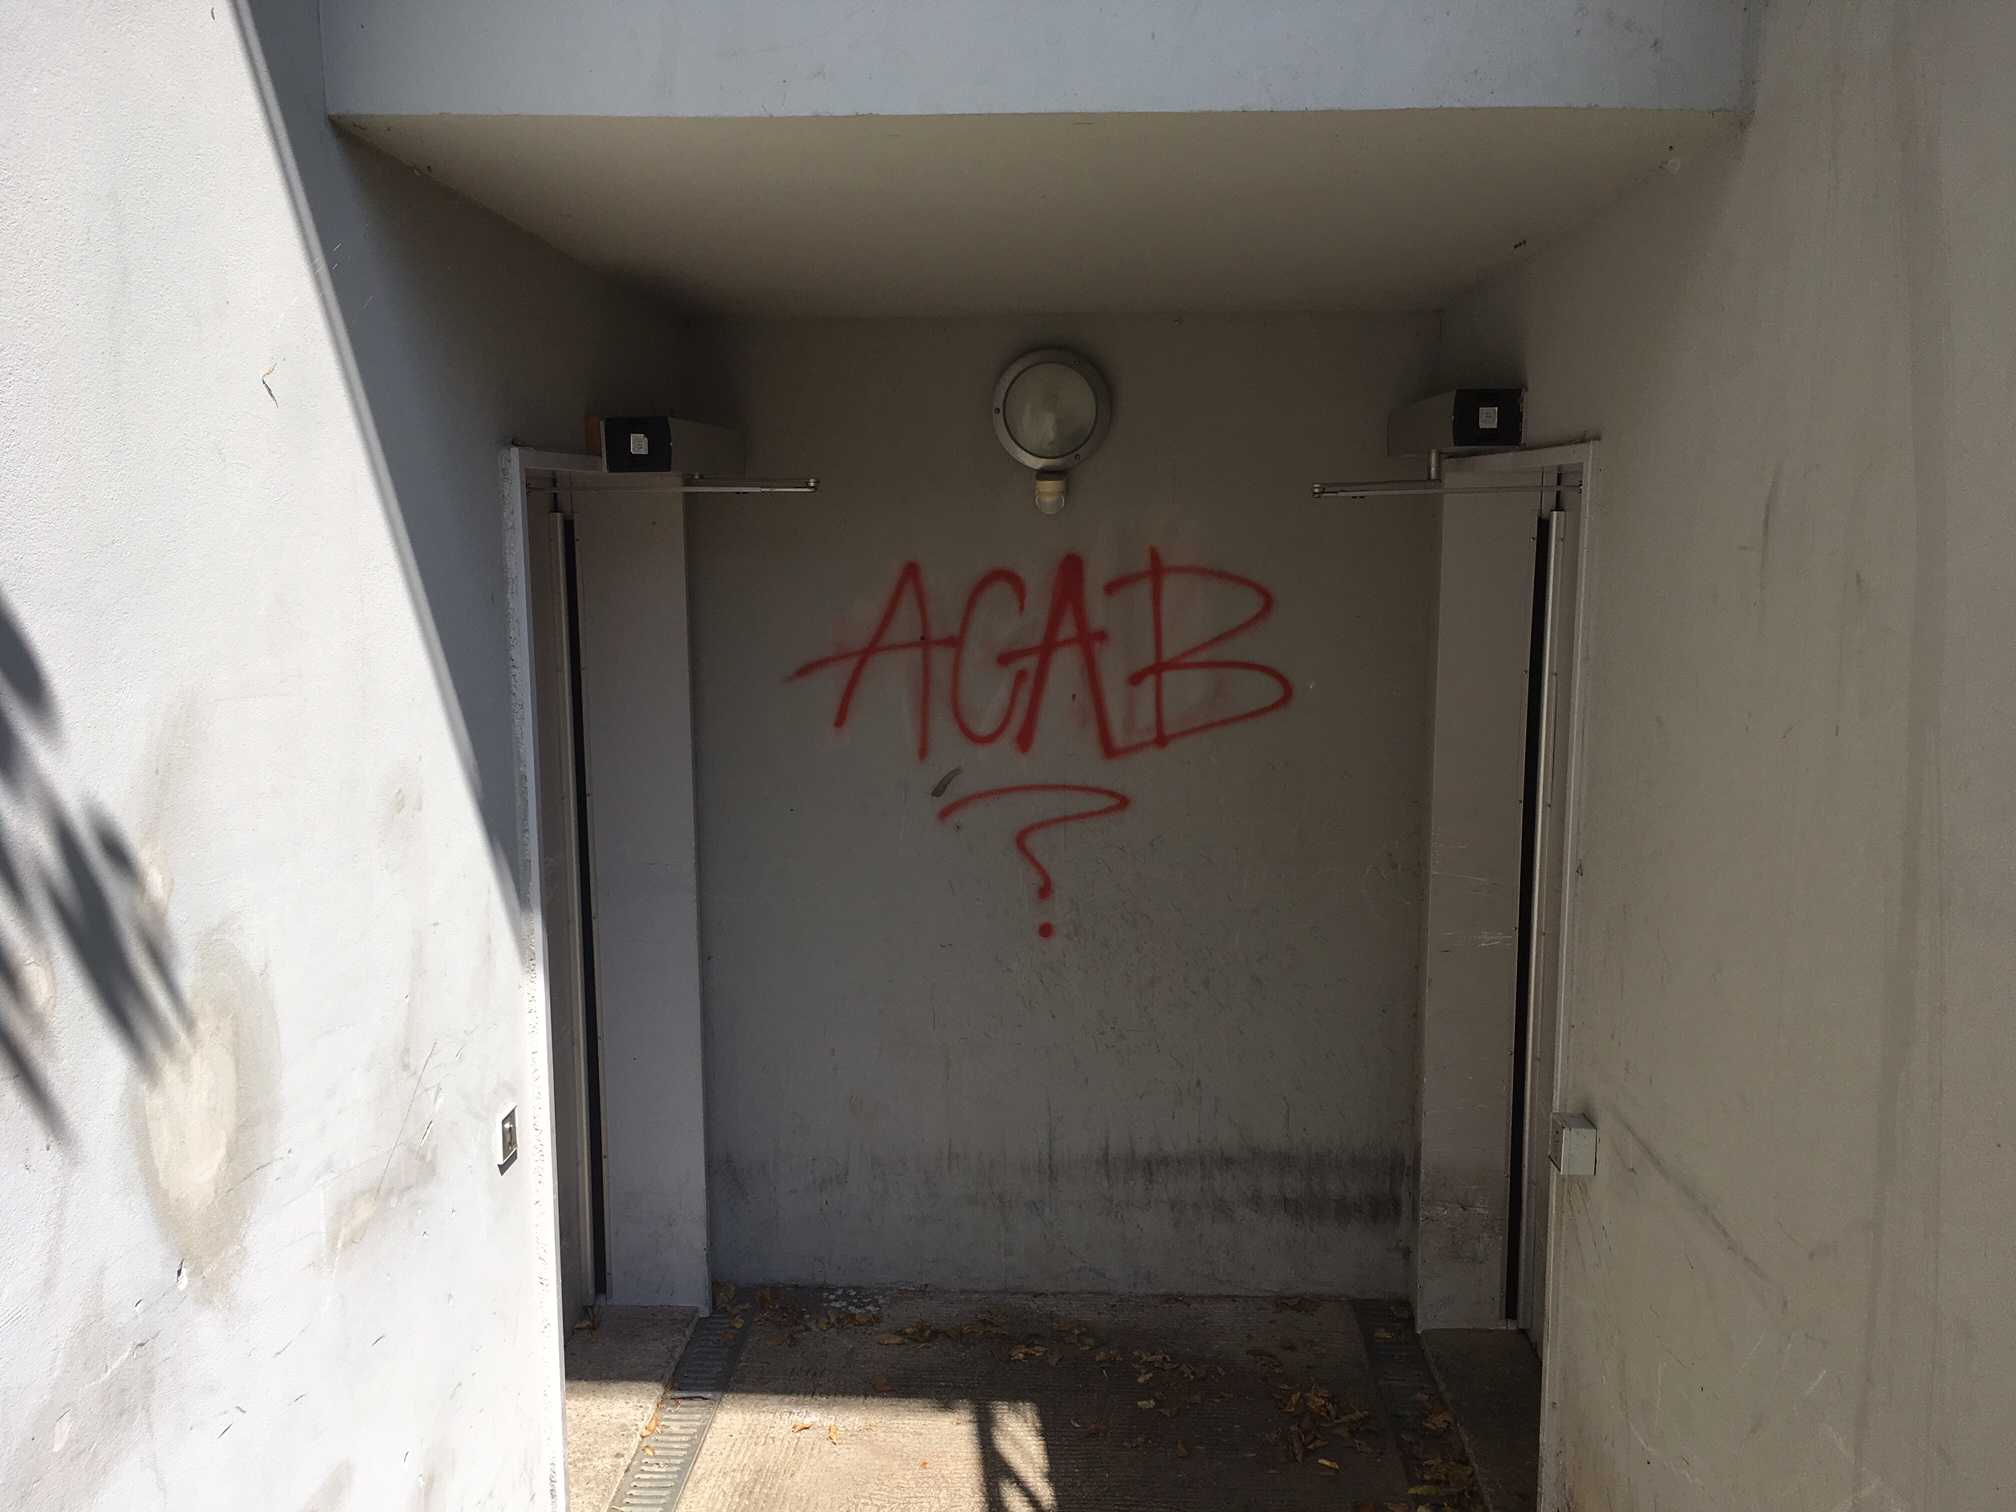 Graffiti am Keller